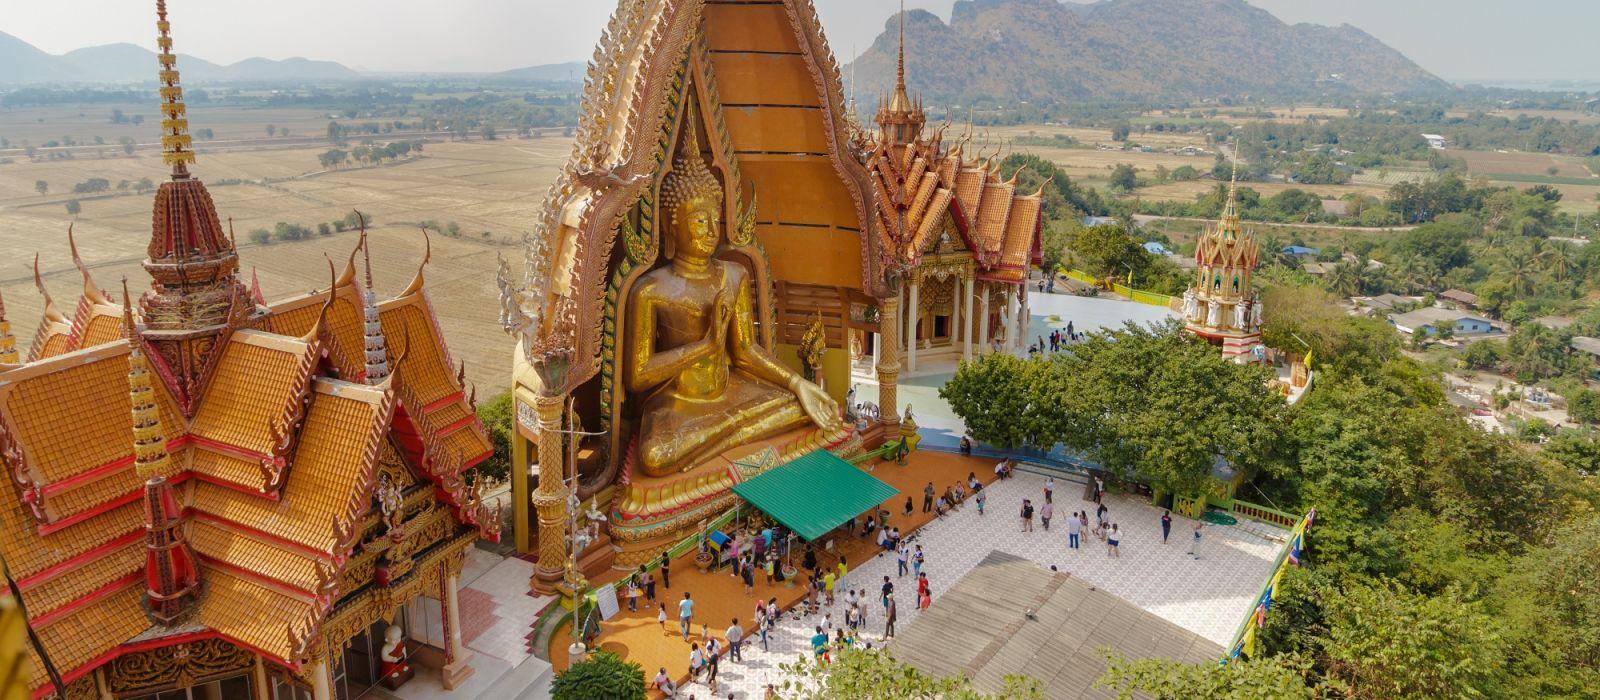 Thailand abseits ausgetretener Pfade Urlaub 8